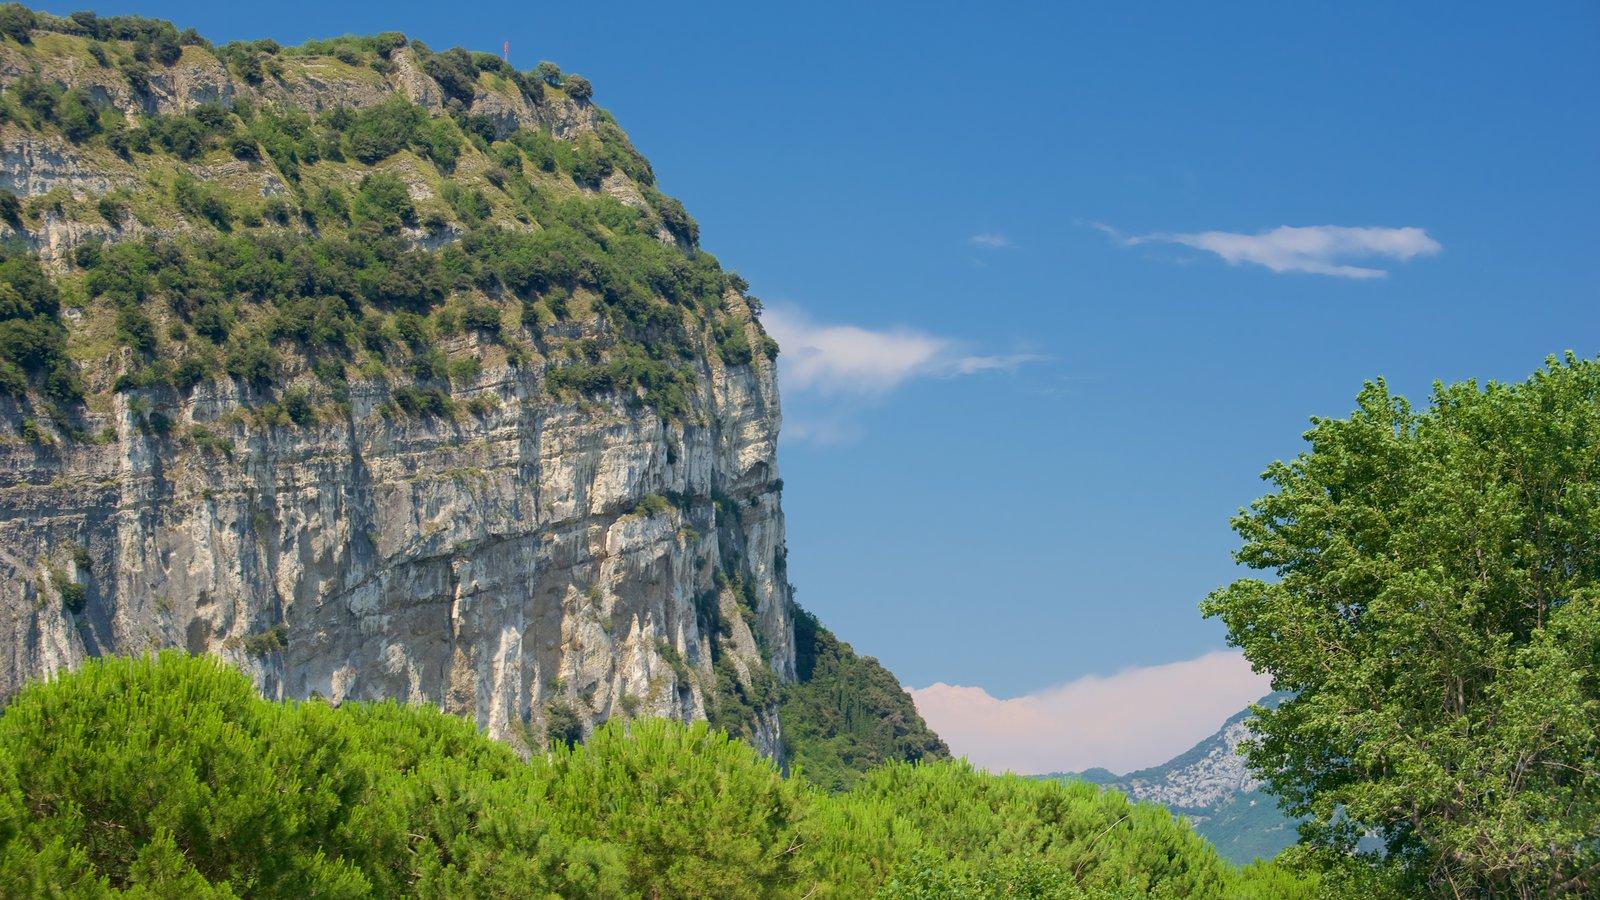 Nago-Torbole caracterizando montanhas e linha do horizonte